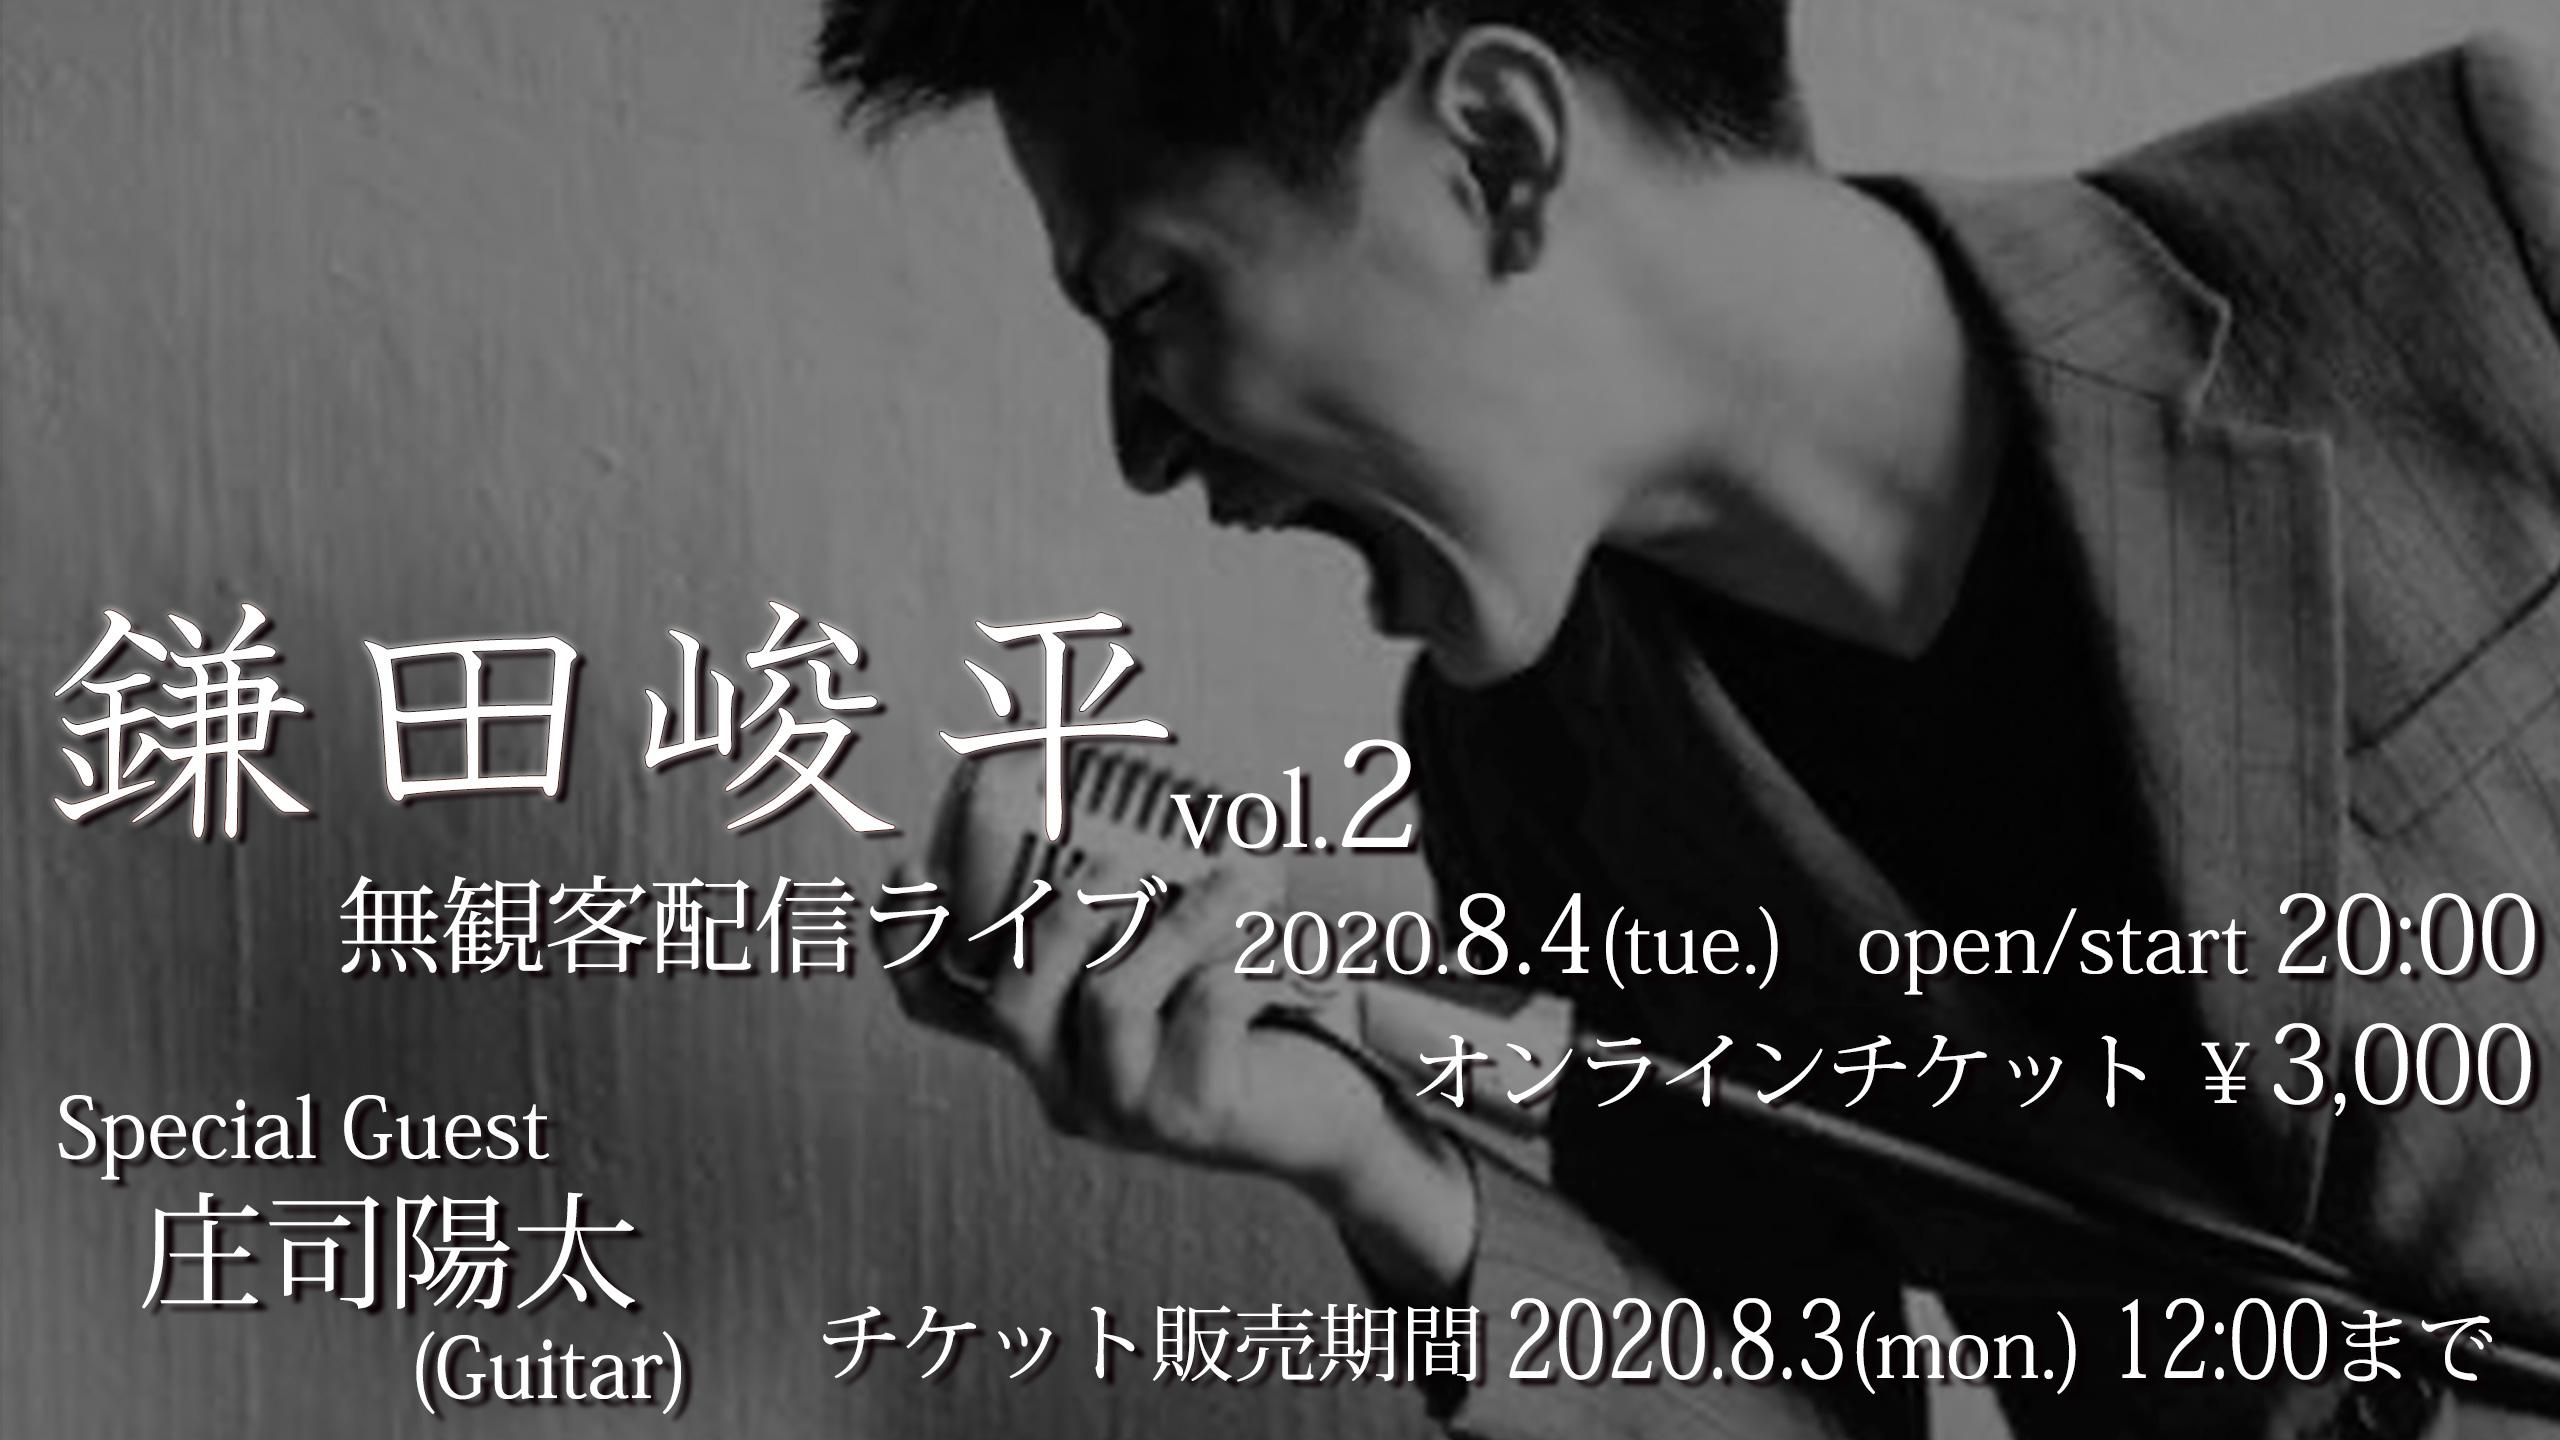 鎌田峻平 無観客配信ライブ vol.2